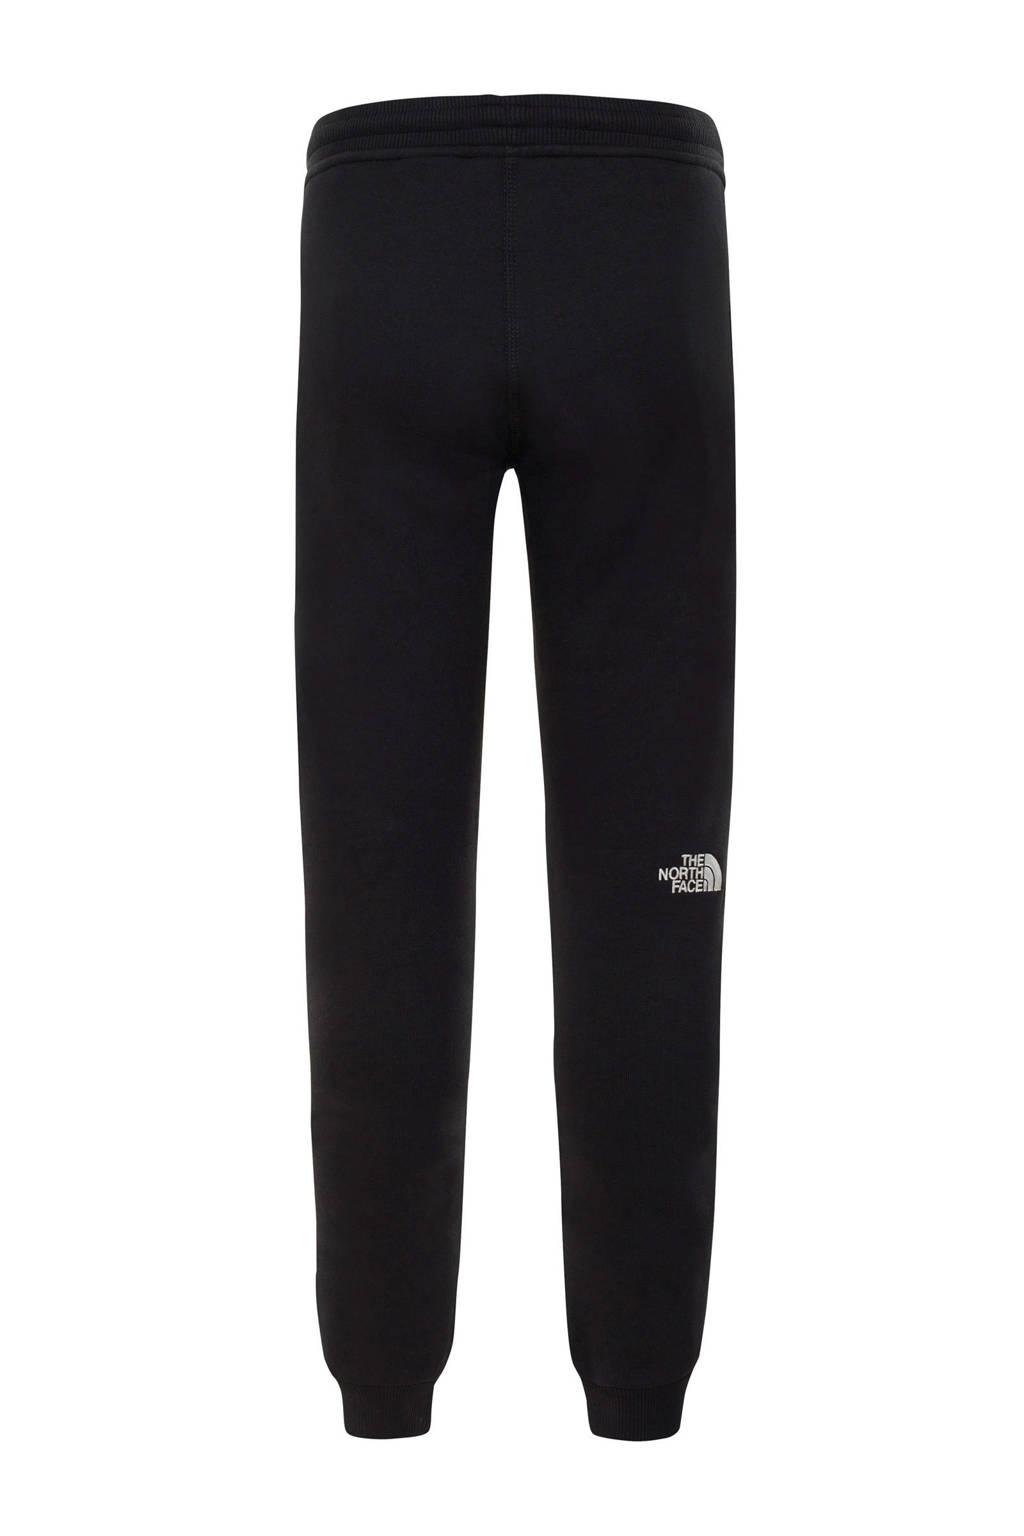 The North Face joggingbroek grijs melange, Zwart